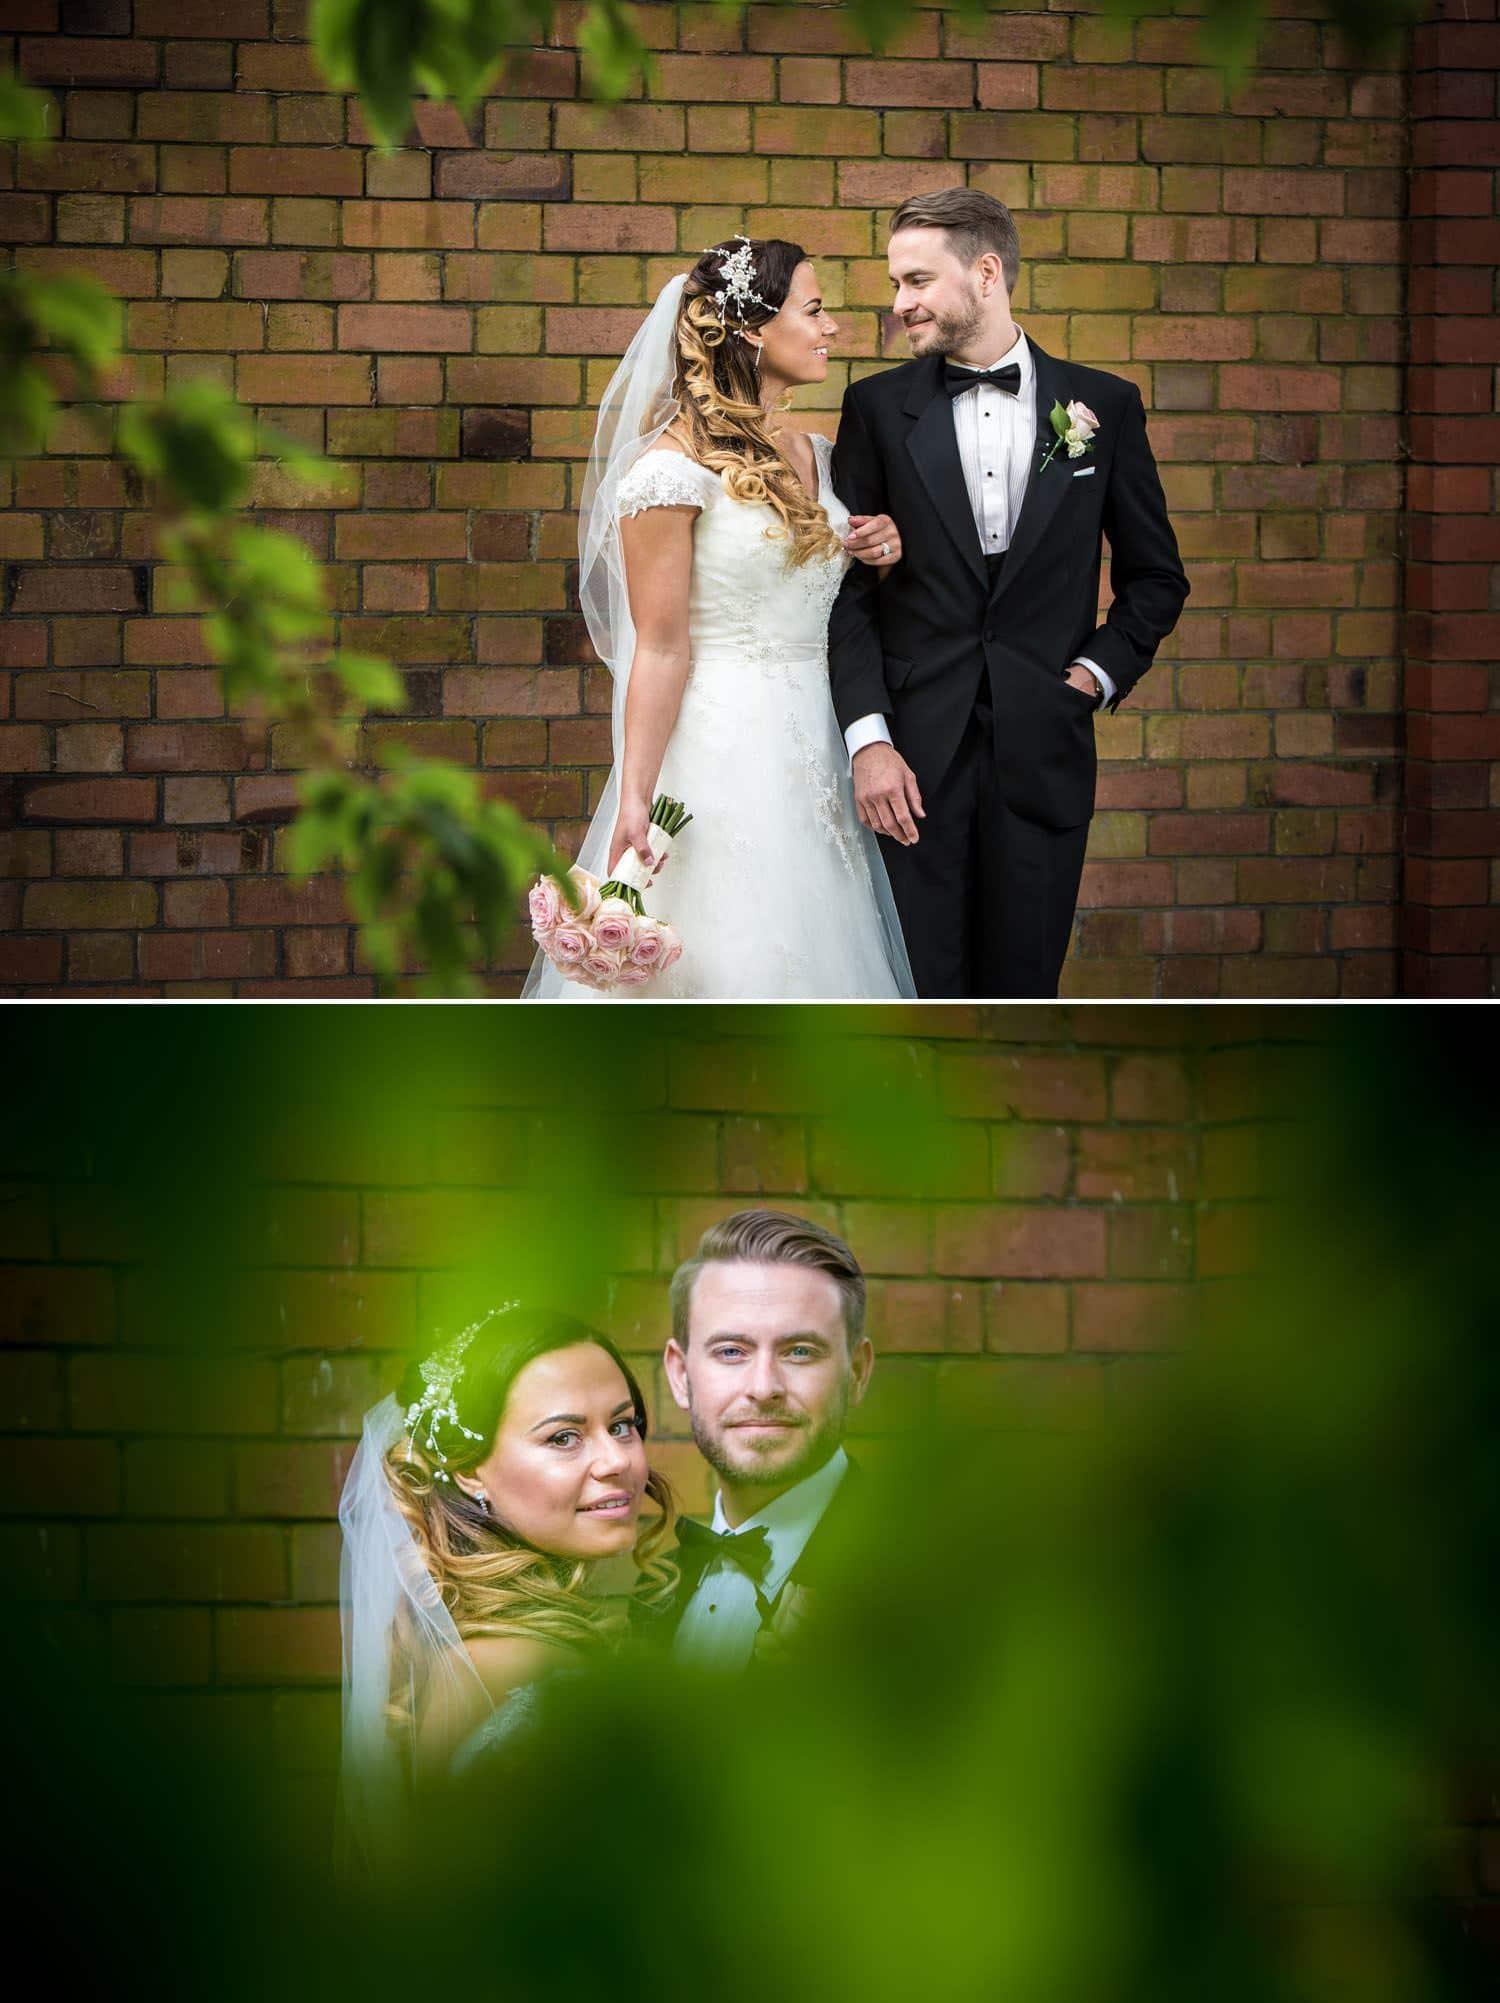 Wedding Photography Shropshire, couple portraits